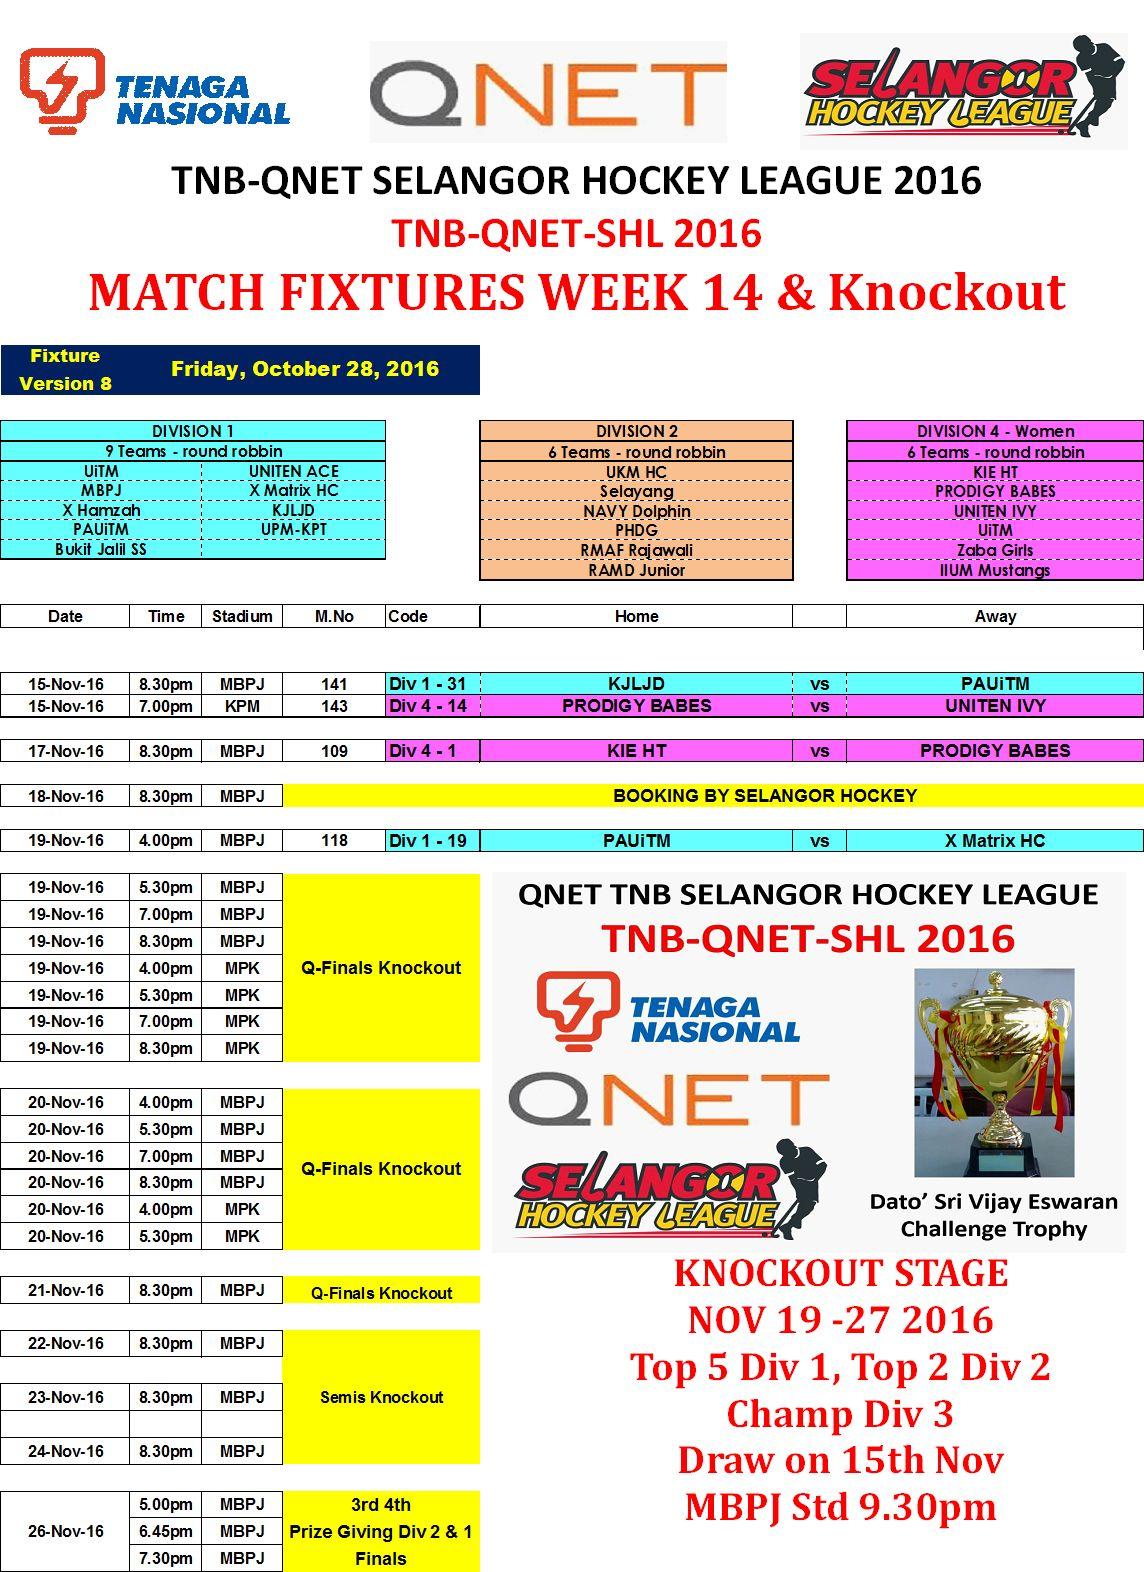 tnb-qnet-shl2016-week-14-fixtures-knockout